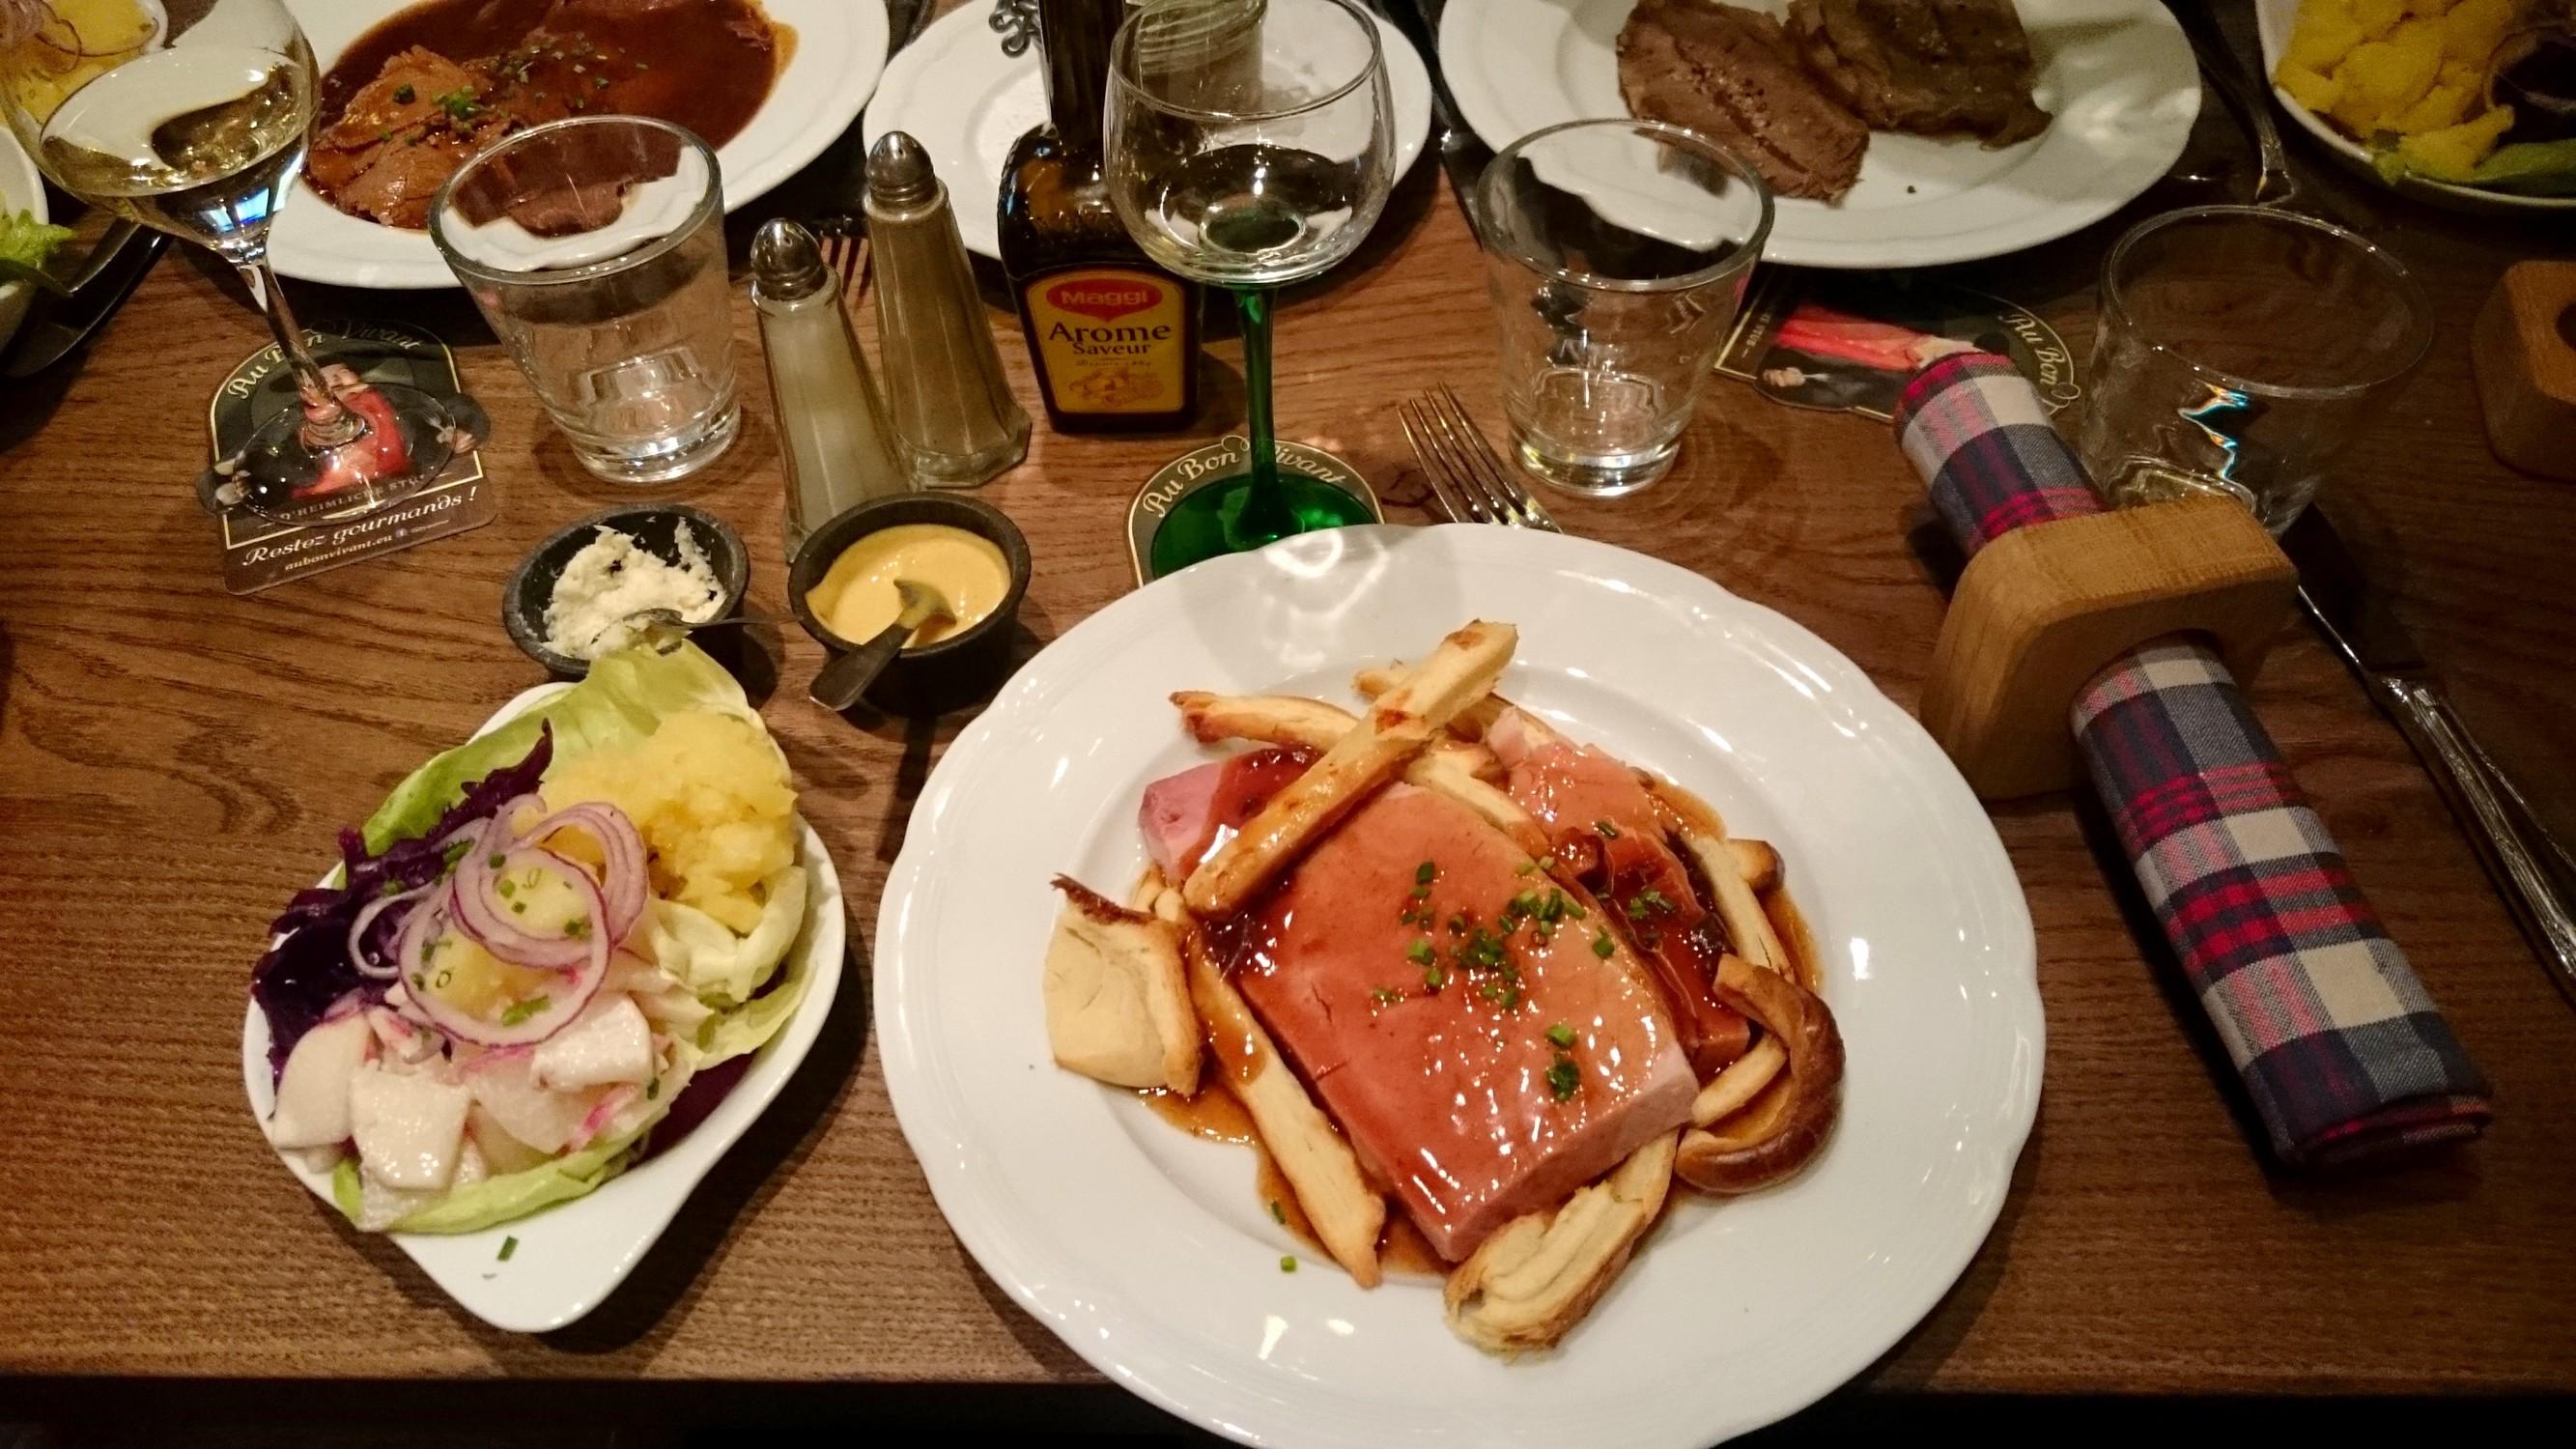 Jambon en croute Au bon vivant Winstub Restaurant Strasbourg